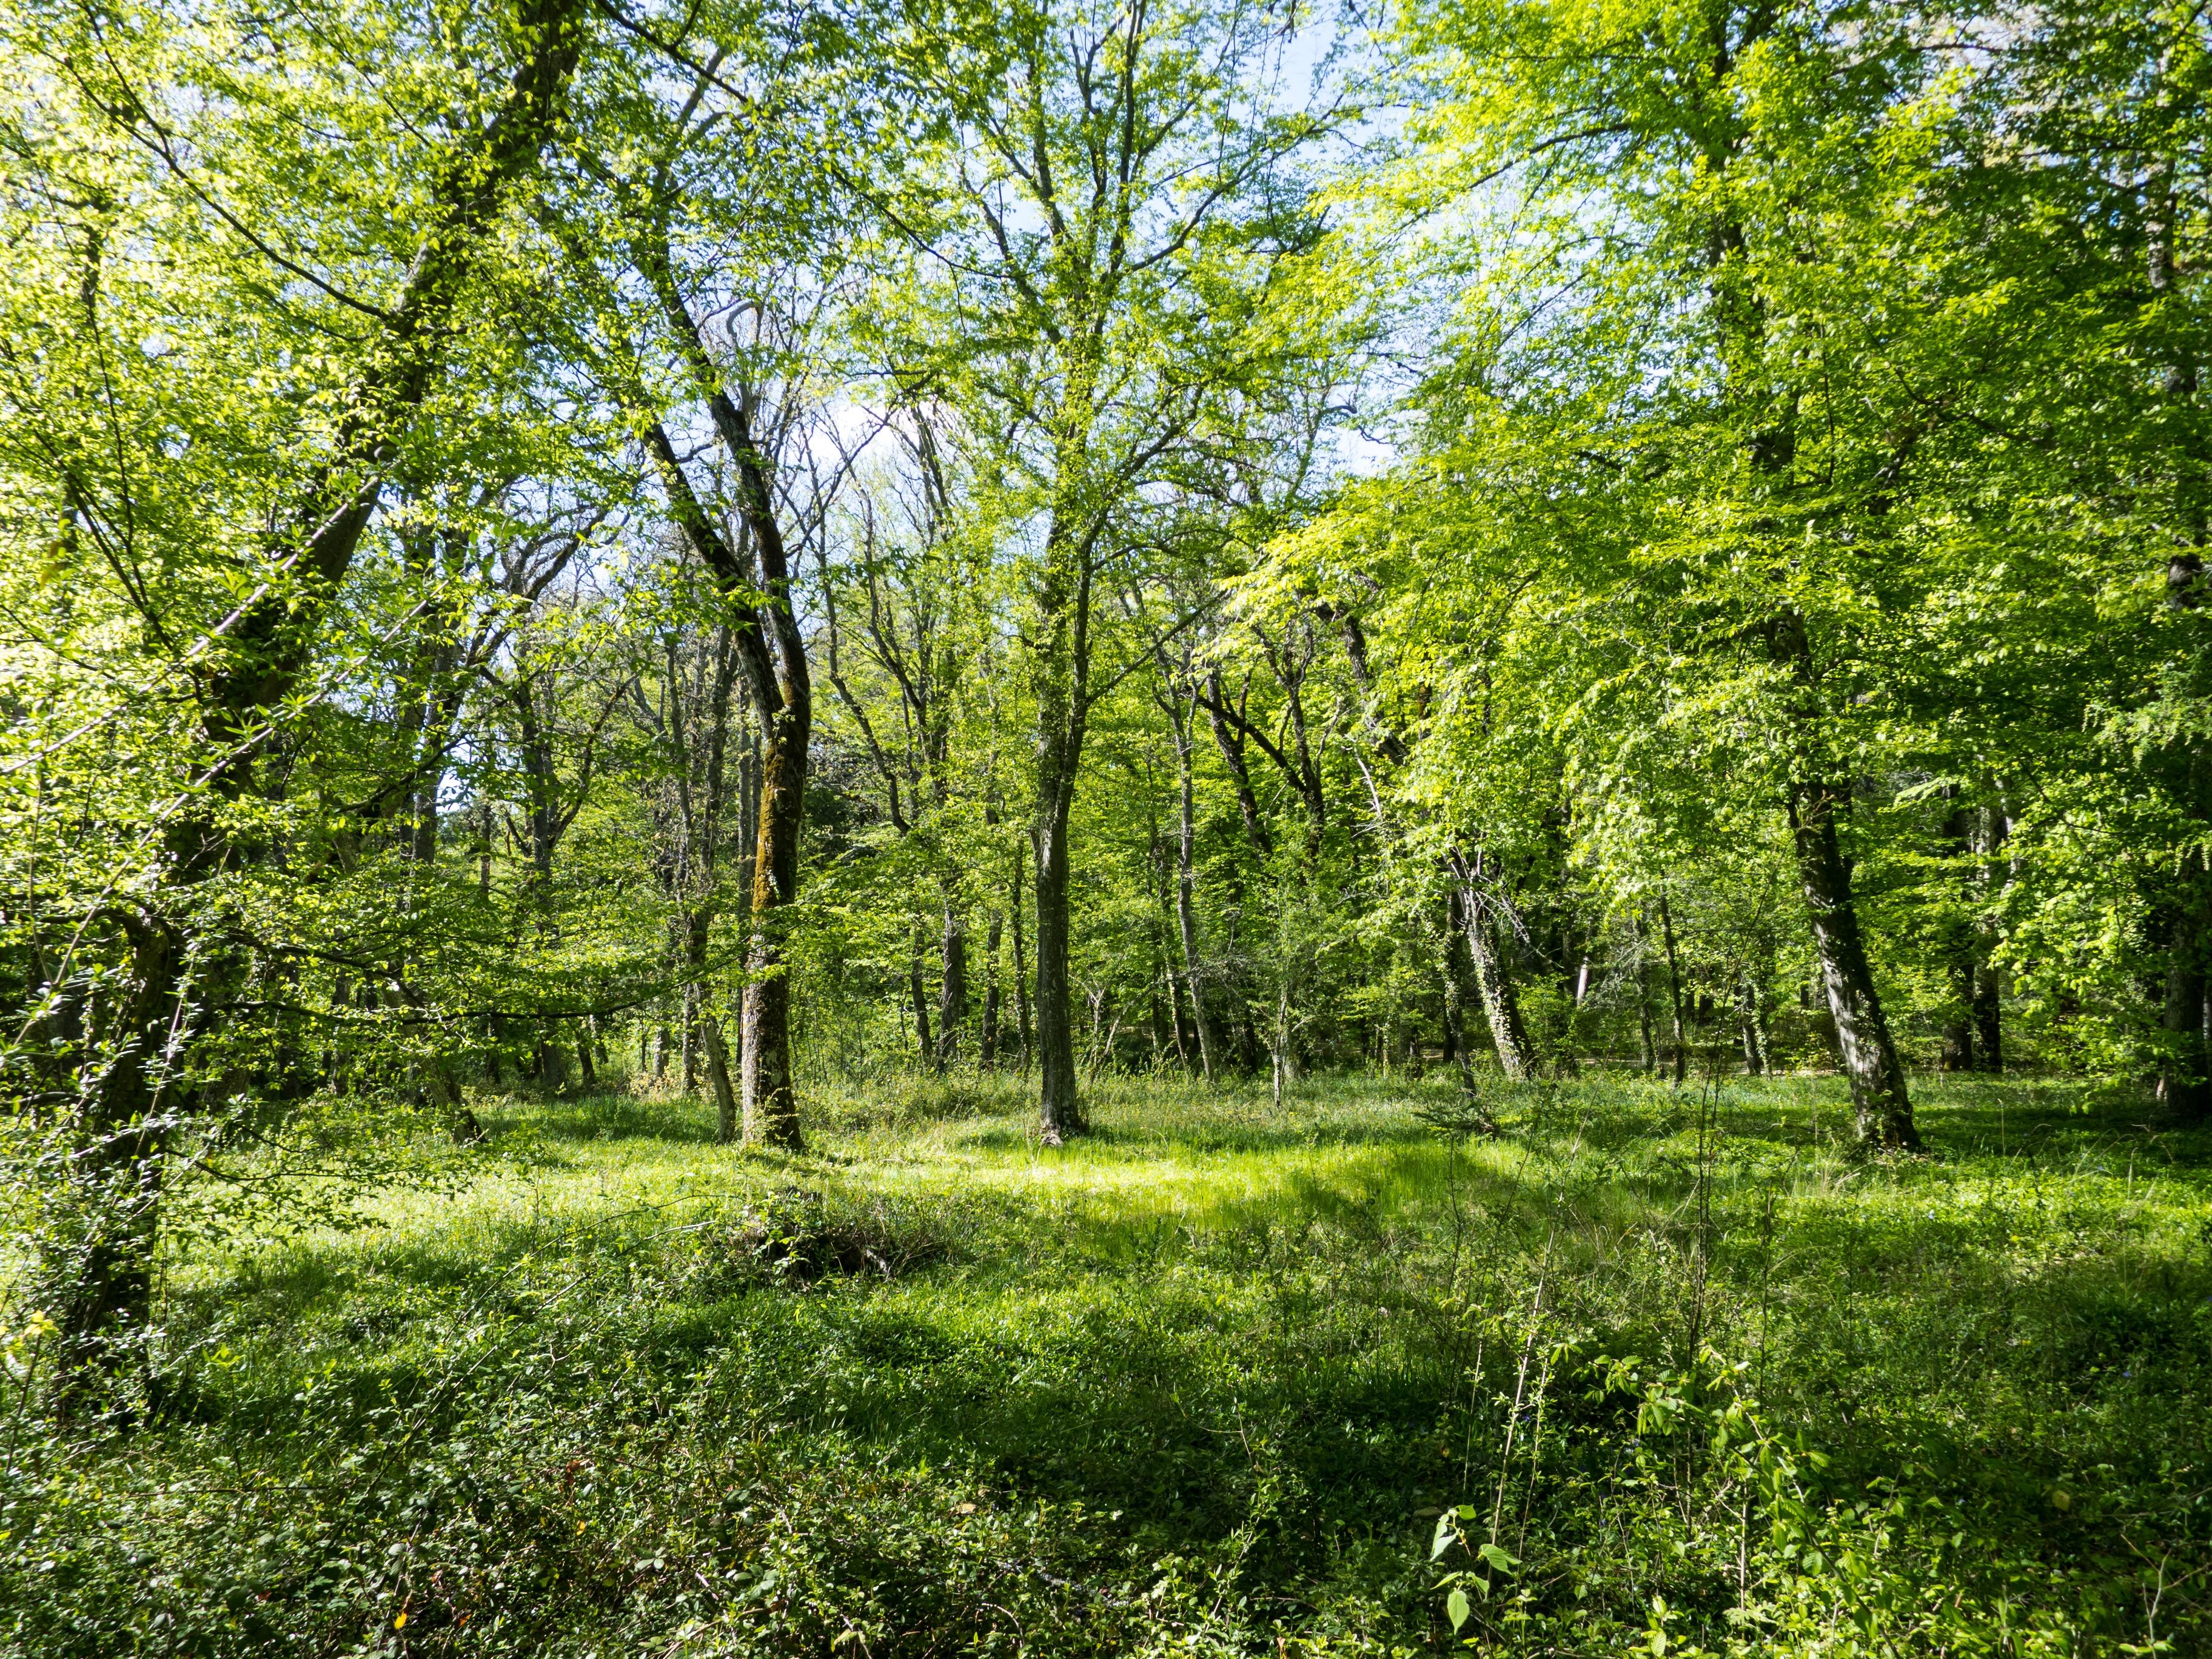 images gratuites paysage arbre la nature herbe branche plante prairie lumi re du soleil. Black Bedroom Furniture Sets. Home Design Ideas